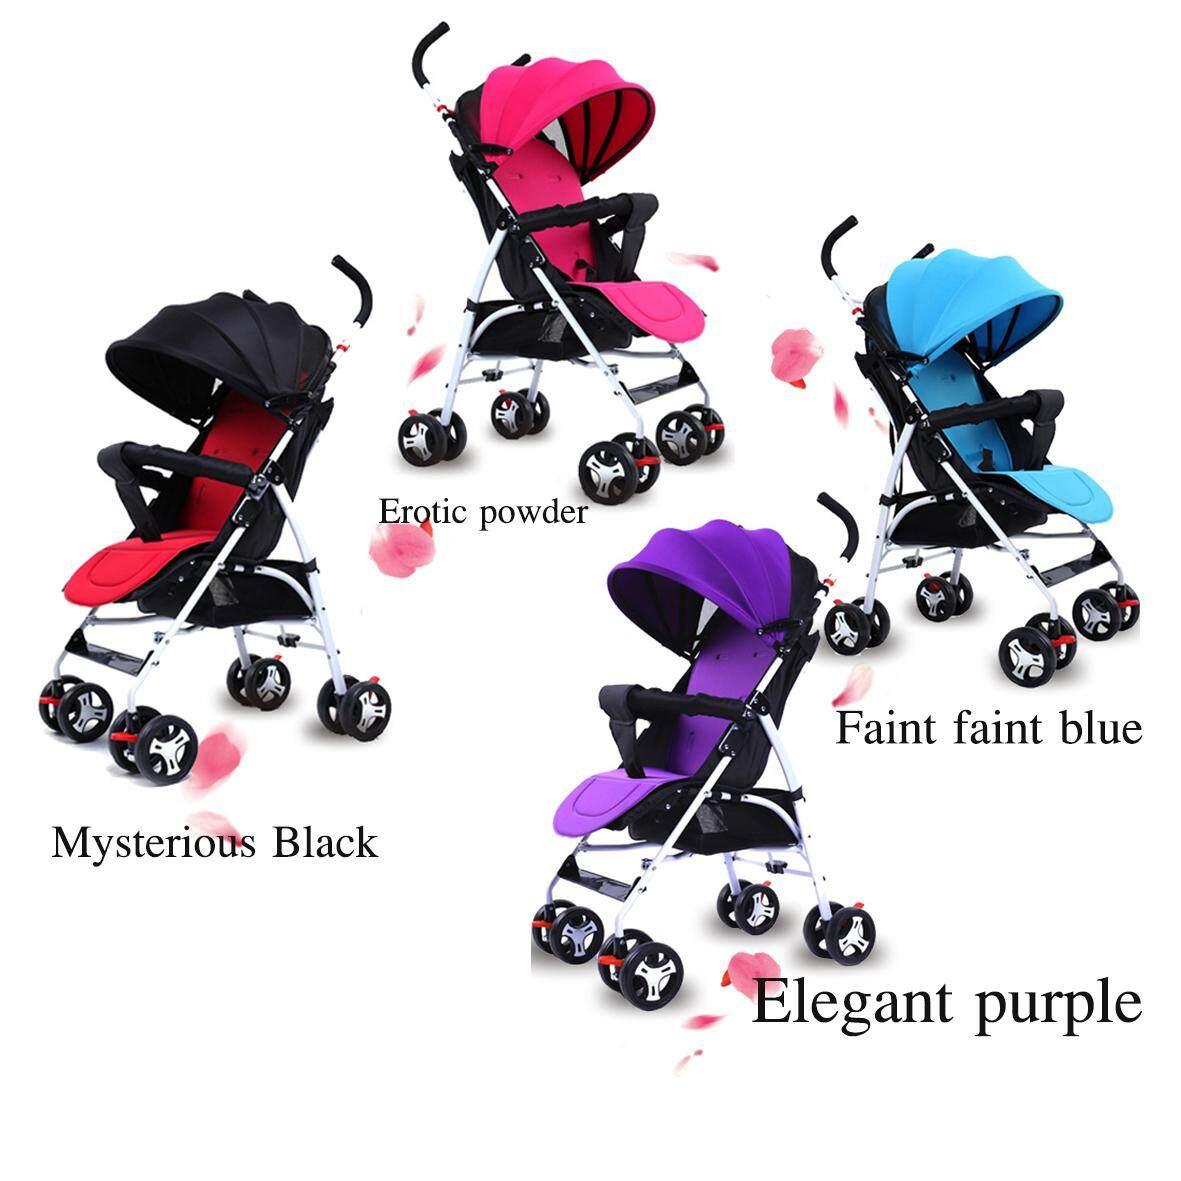 เช็คราคา Baby รถเข็นเด็กสามล้อ Baby Style รถเข็นเด็ก 5ล้อ แบบใหม่ เบาะนิ่ม แถมร่ม แถมตะกร้า รับน้ำหนักได้60 kg น้ำหนักเบา2.8kg ที่มือเด็กจับมีขนาดสูงขึ้น ล้อข้างหลังไหญ่ มีไฟที่ล้อ รุ่น?TC4 ขายถูกที่สุดแล้ว